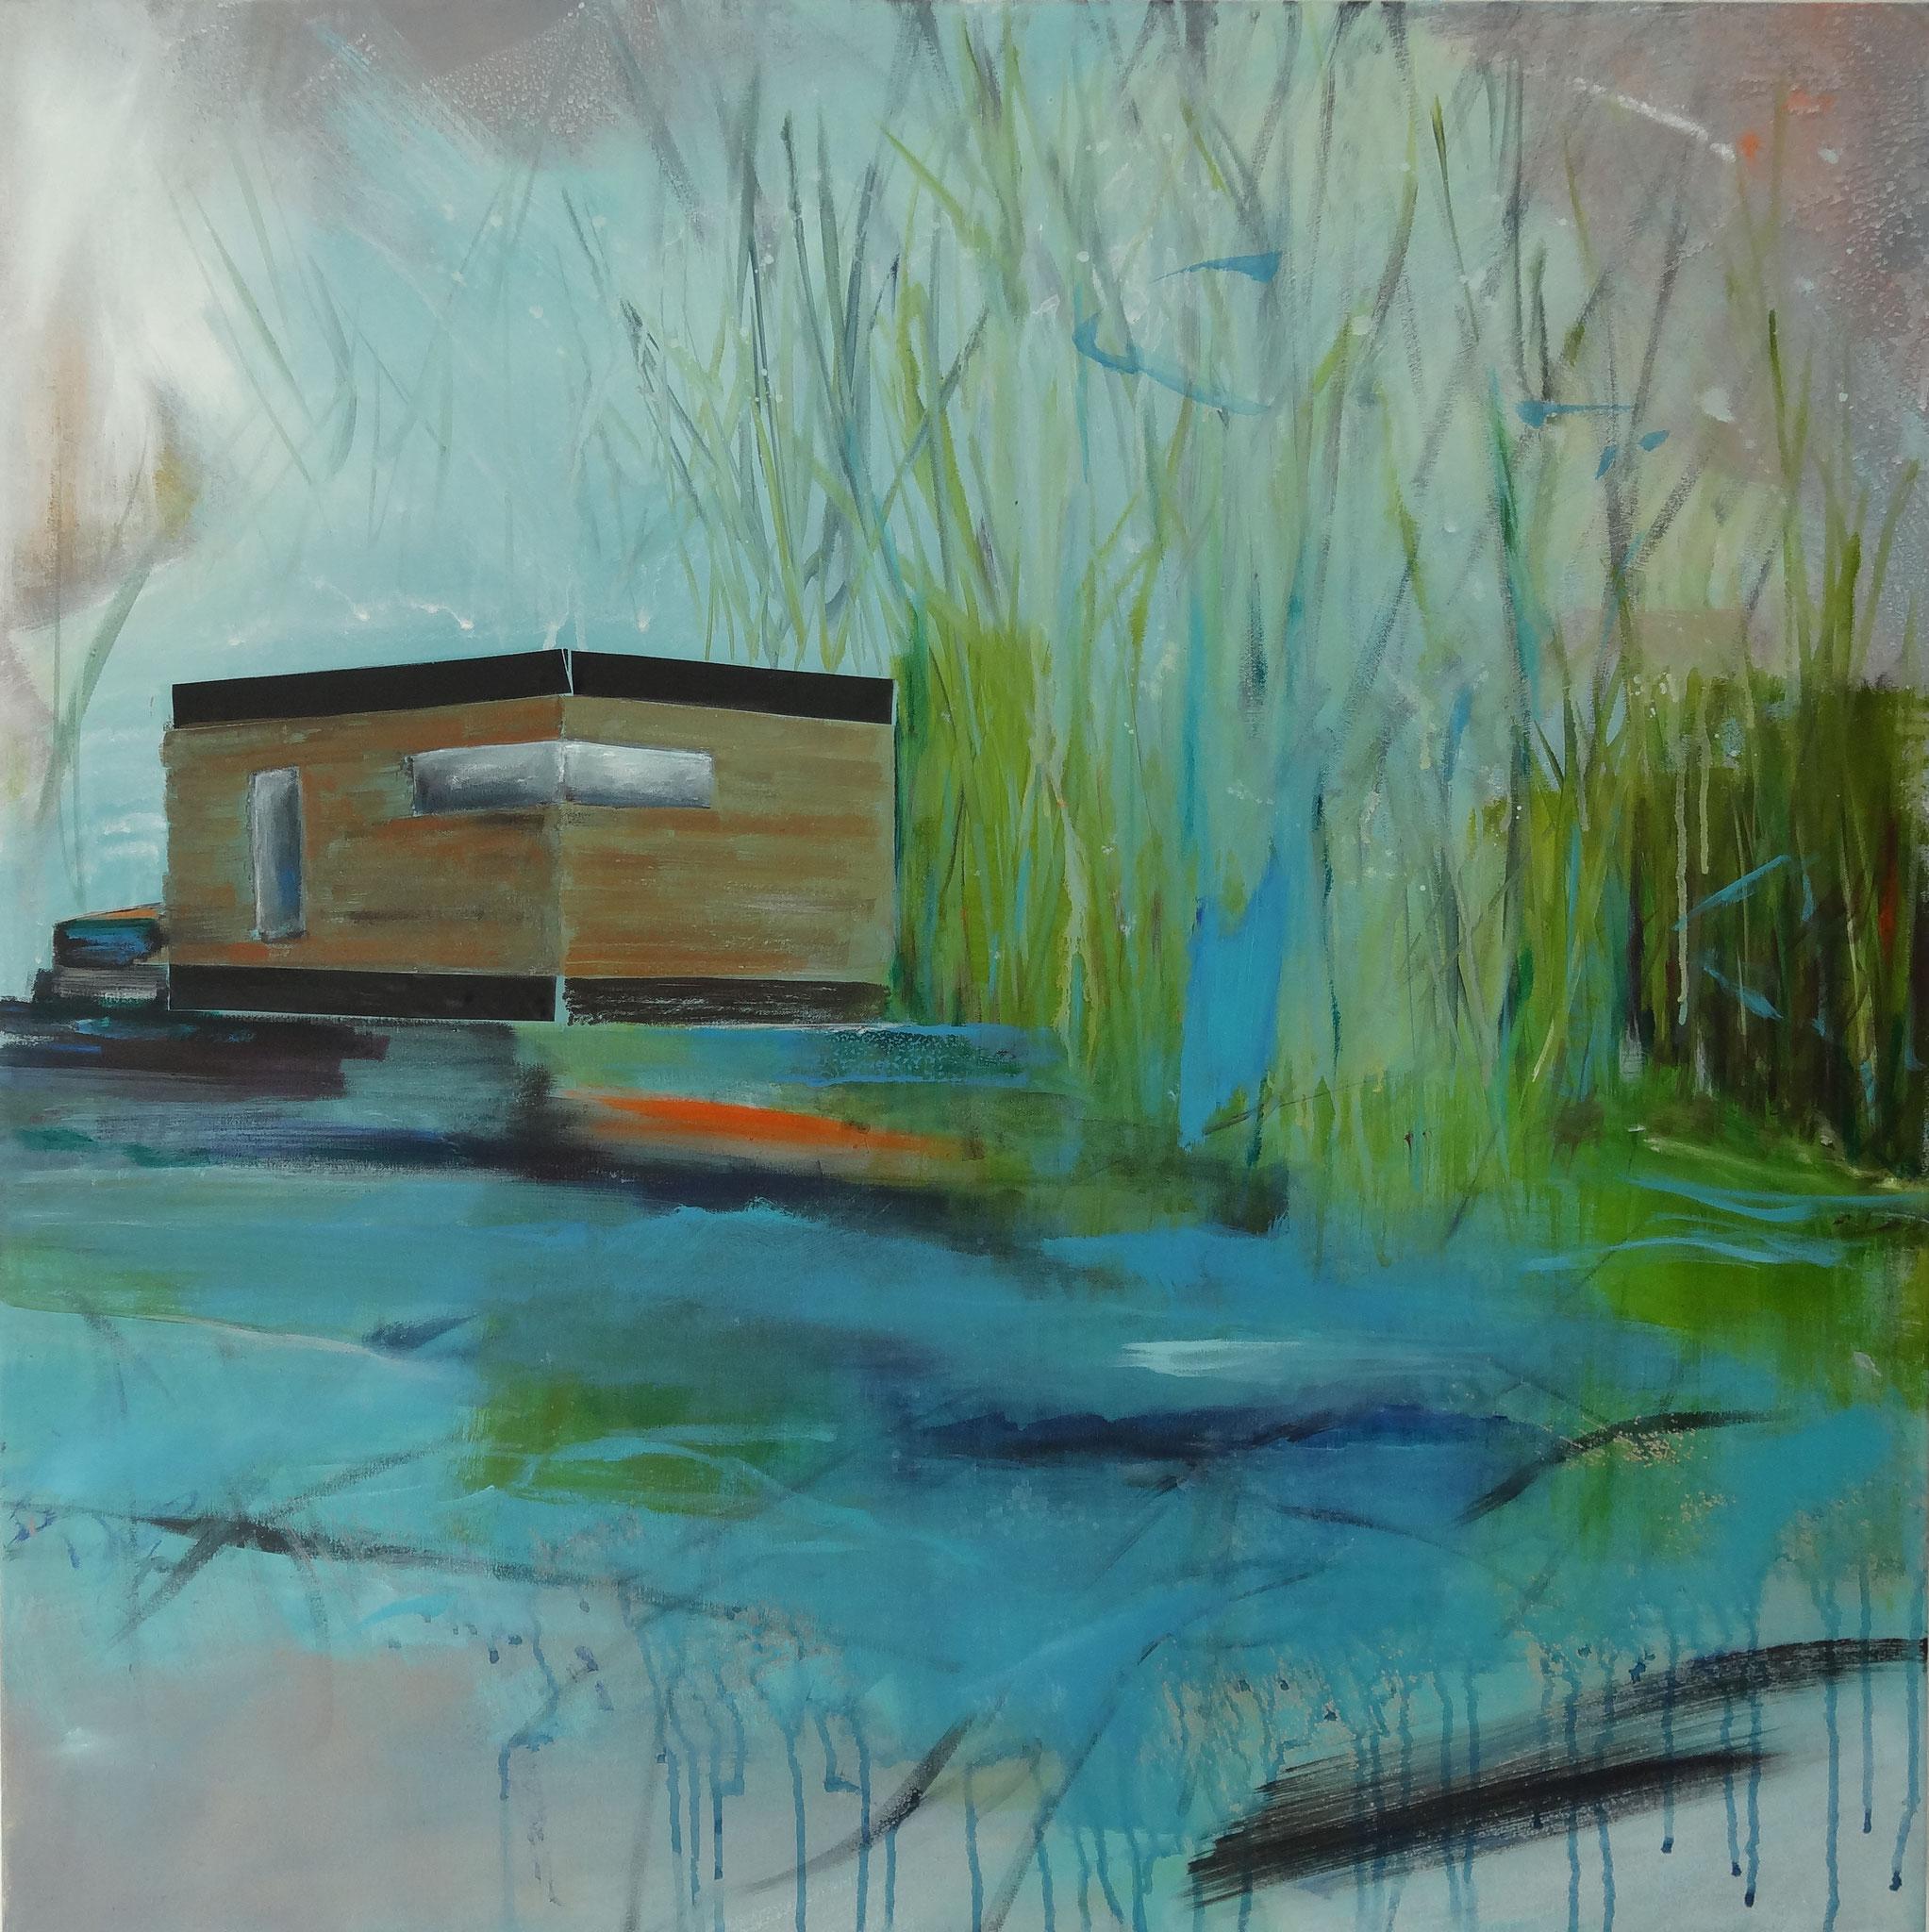 o.T., 2013, 80 x 80 cm, Acryl, Öl, Tape a.L.